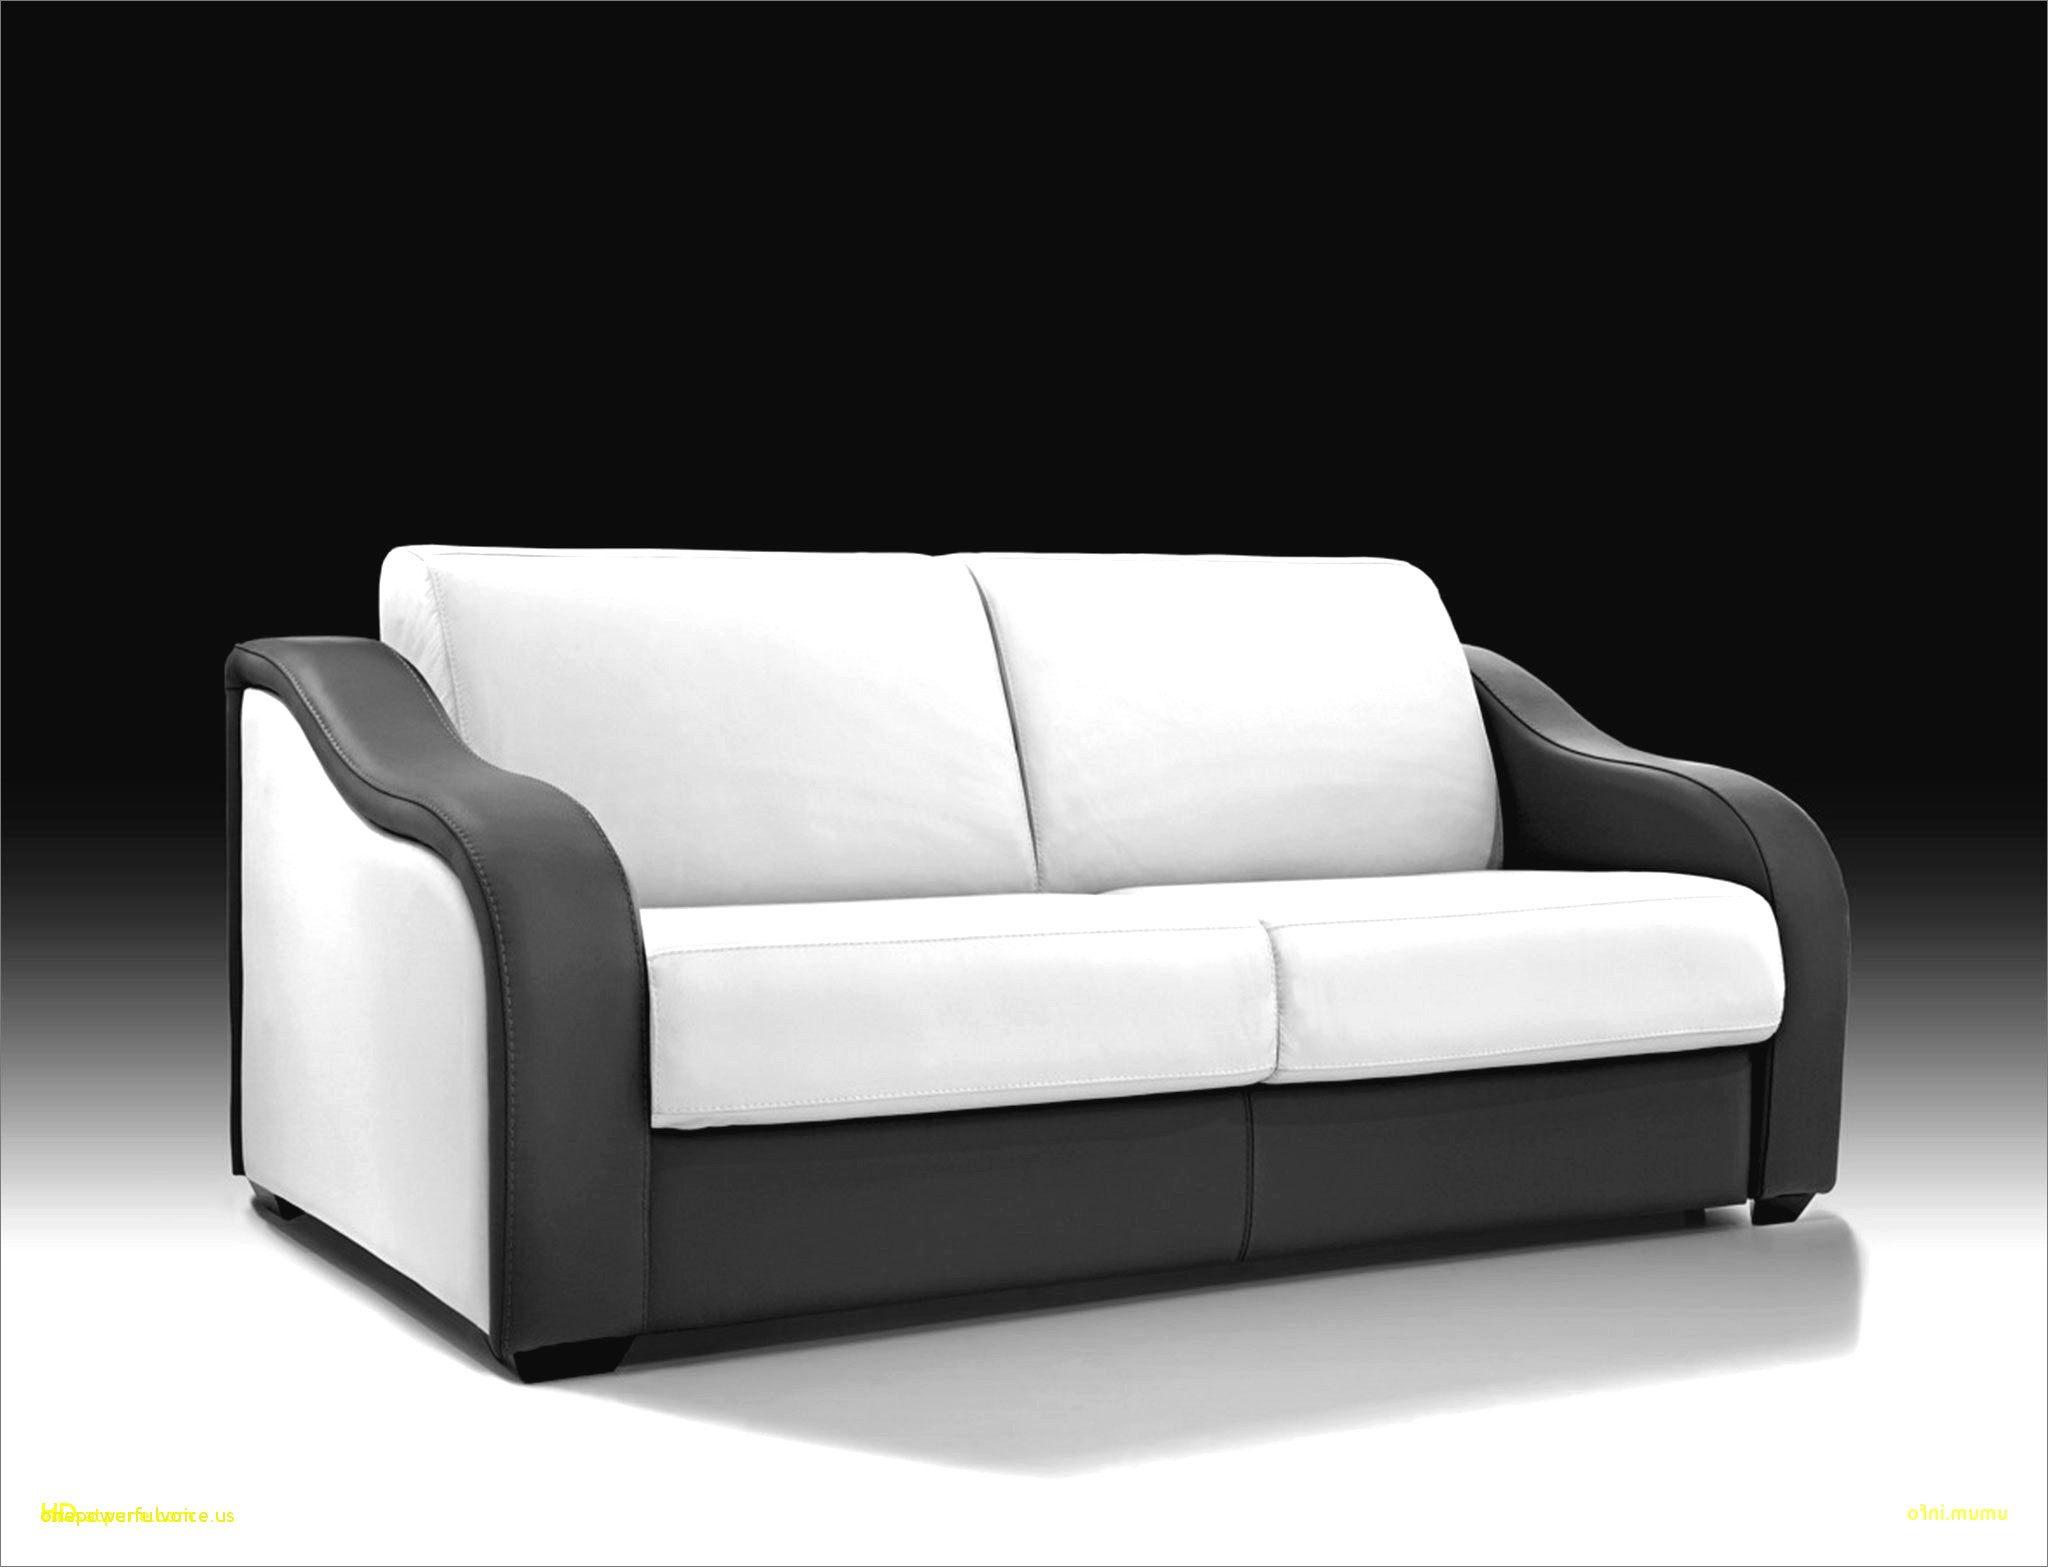 Lit Superposé Bureau Beau Joli Lit Superposé Canapé Dans Luxury Canapé Lit Matelas